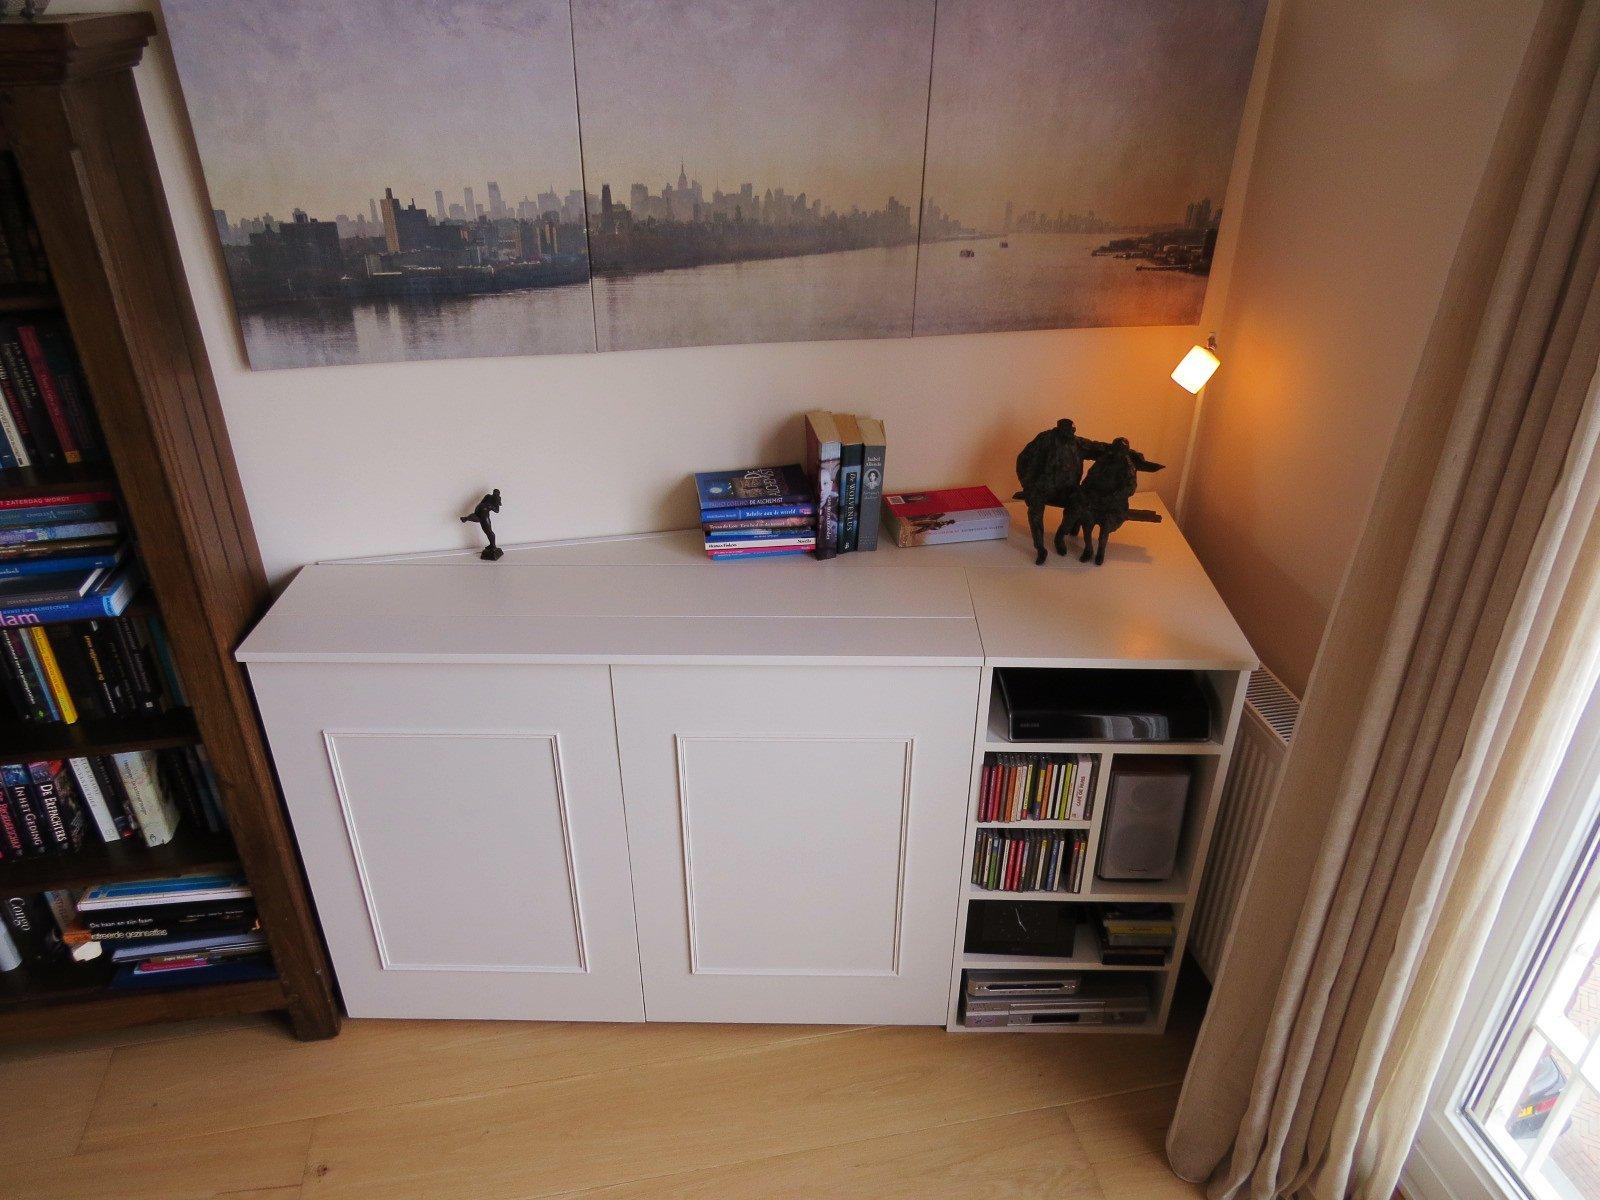 Zeer Foto's van zelf gemaakte | gerealiseerde tv-meubels AC01